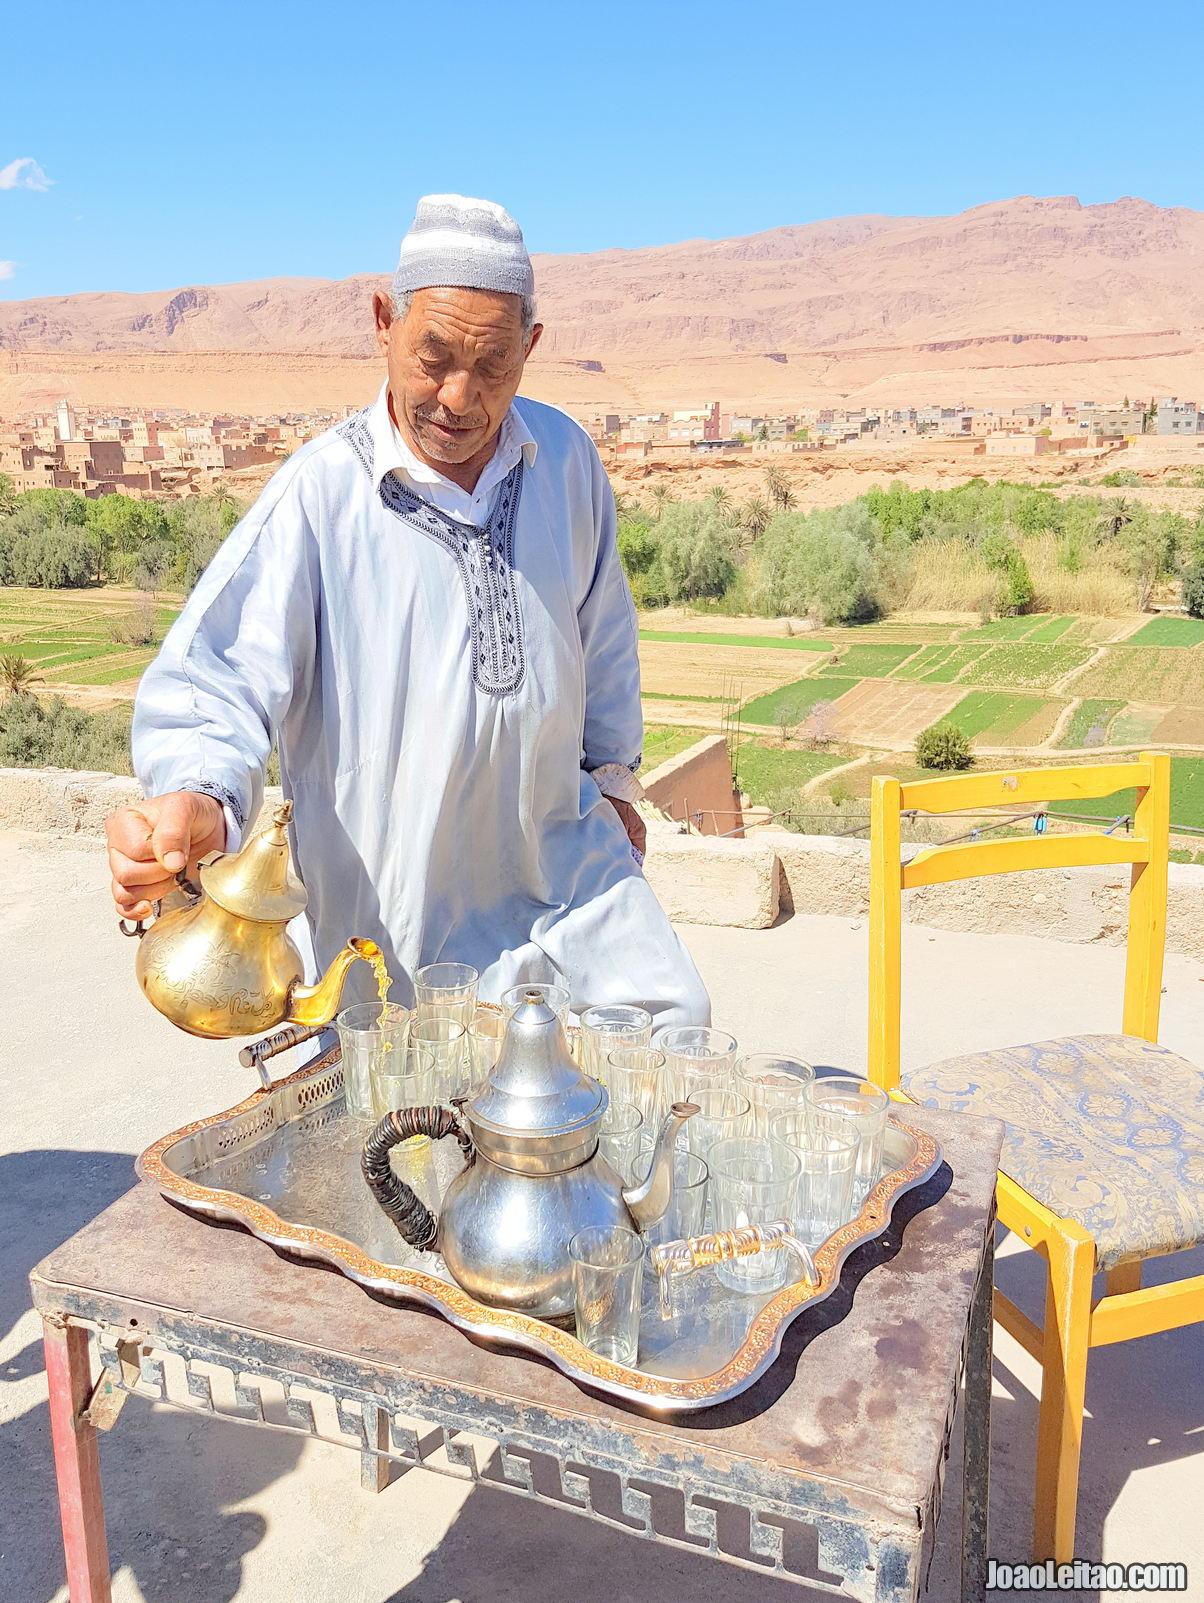 Marrocos • Guia de Viagem • O que Visitar em Marrocos 3